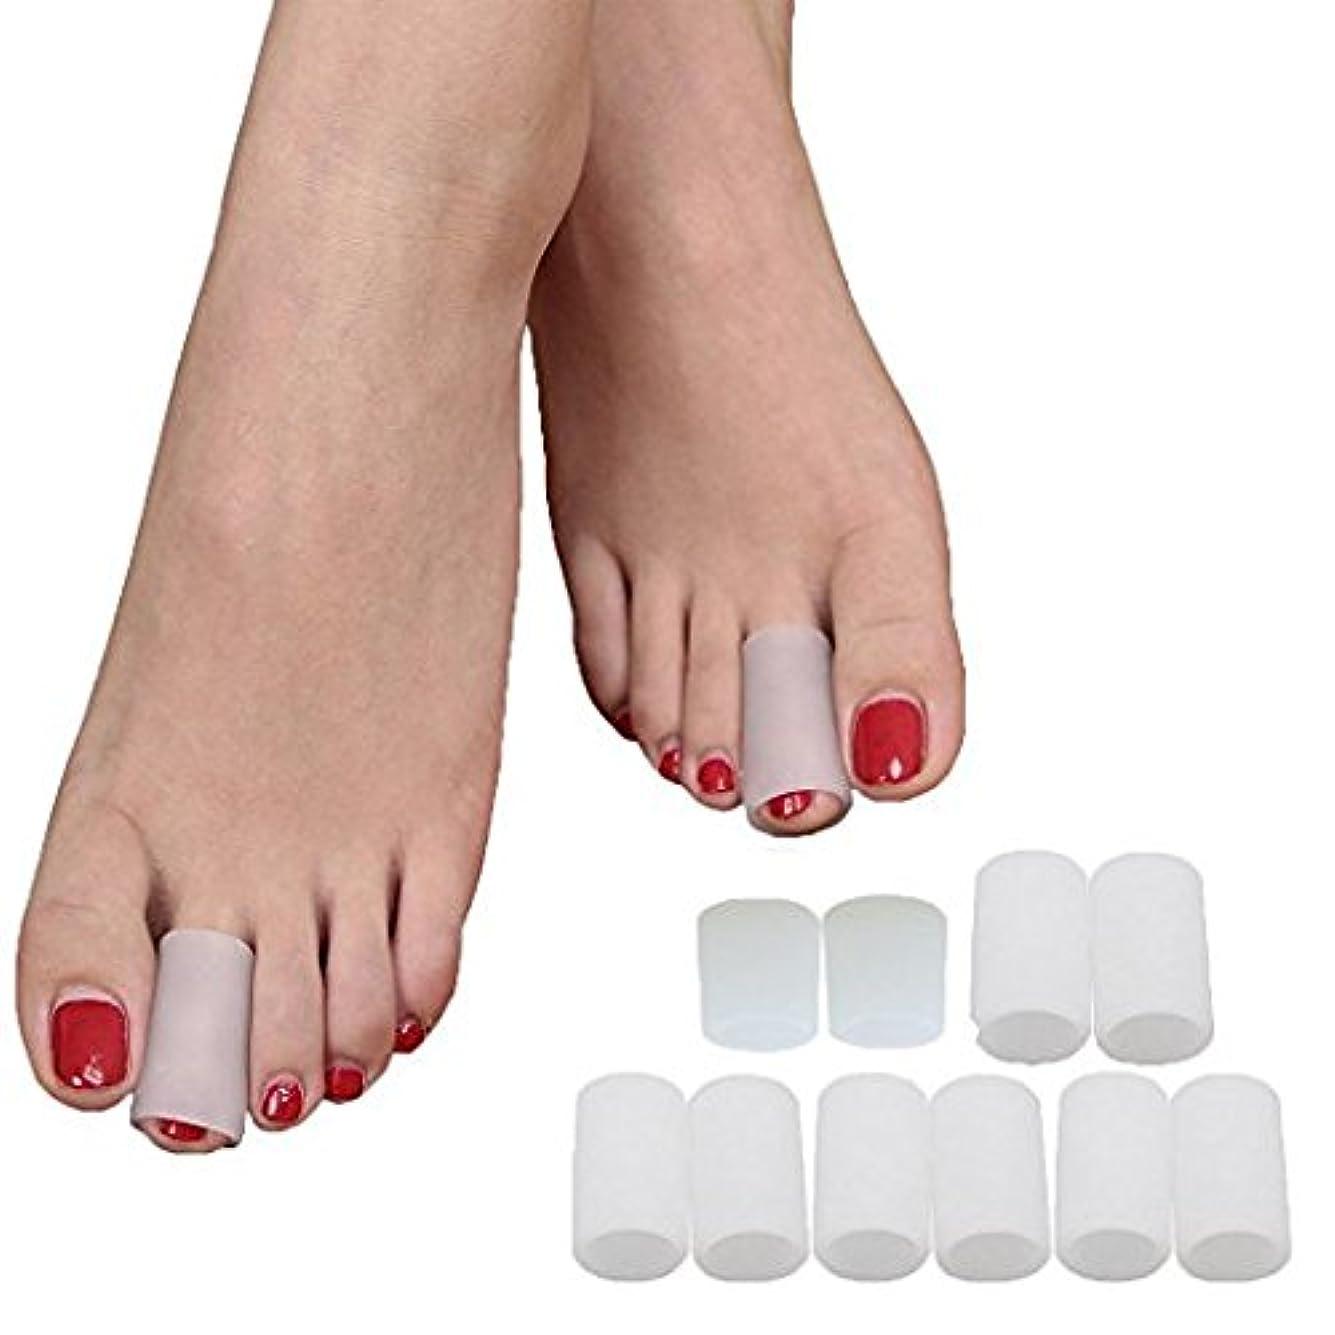 取り替える痛い万一に備えてPovihome 足指保護キャップ, つま先プロテクター,足の小指保護 白い 5ペア